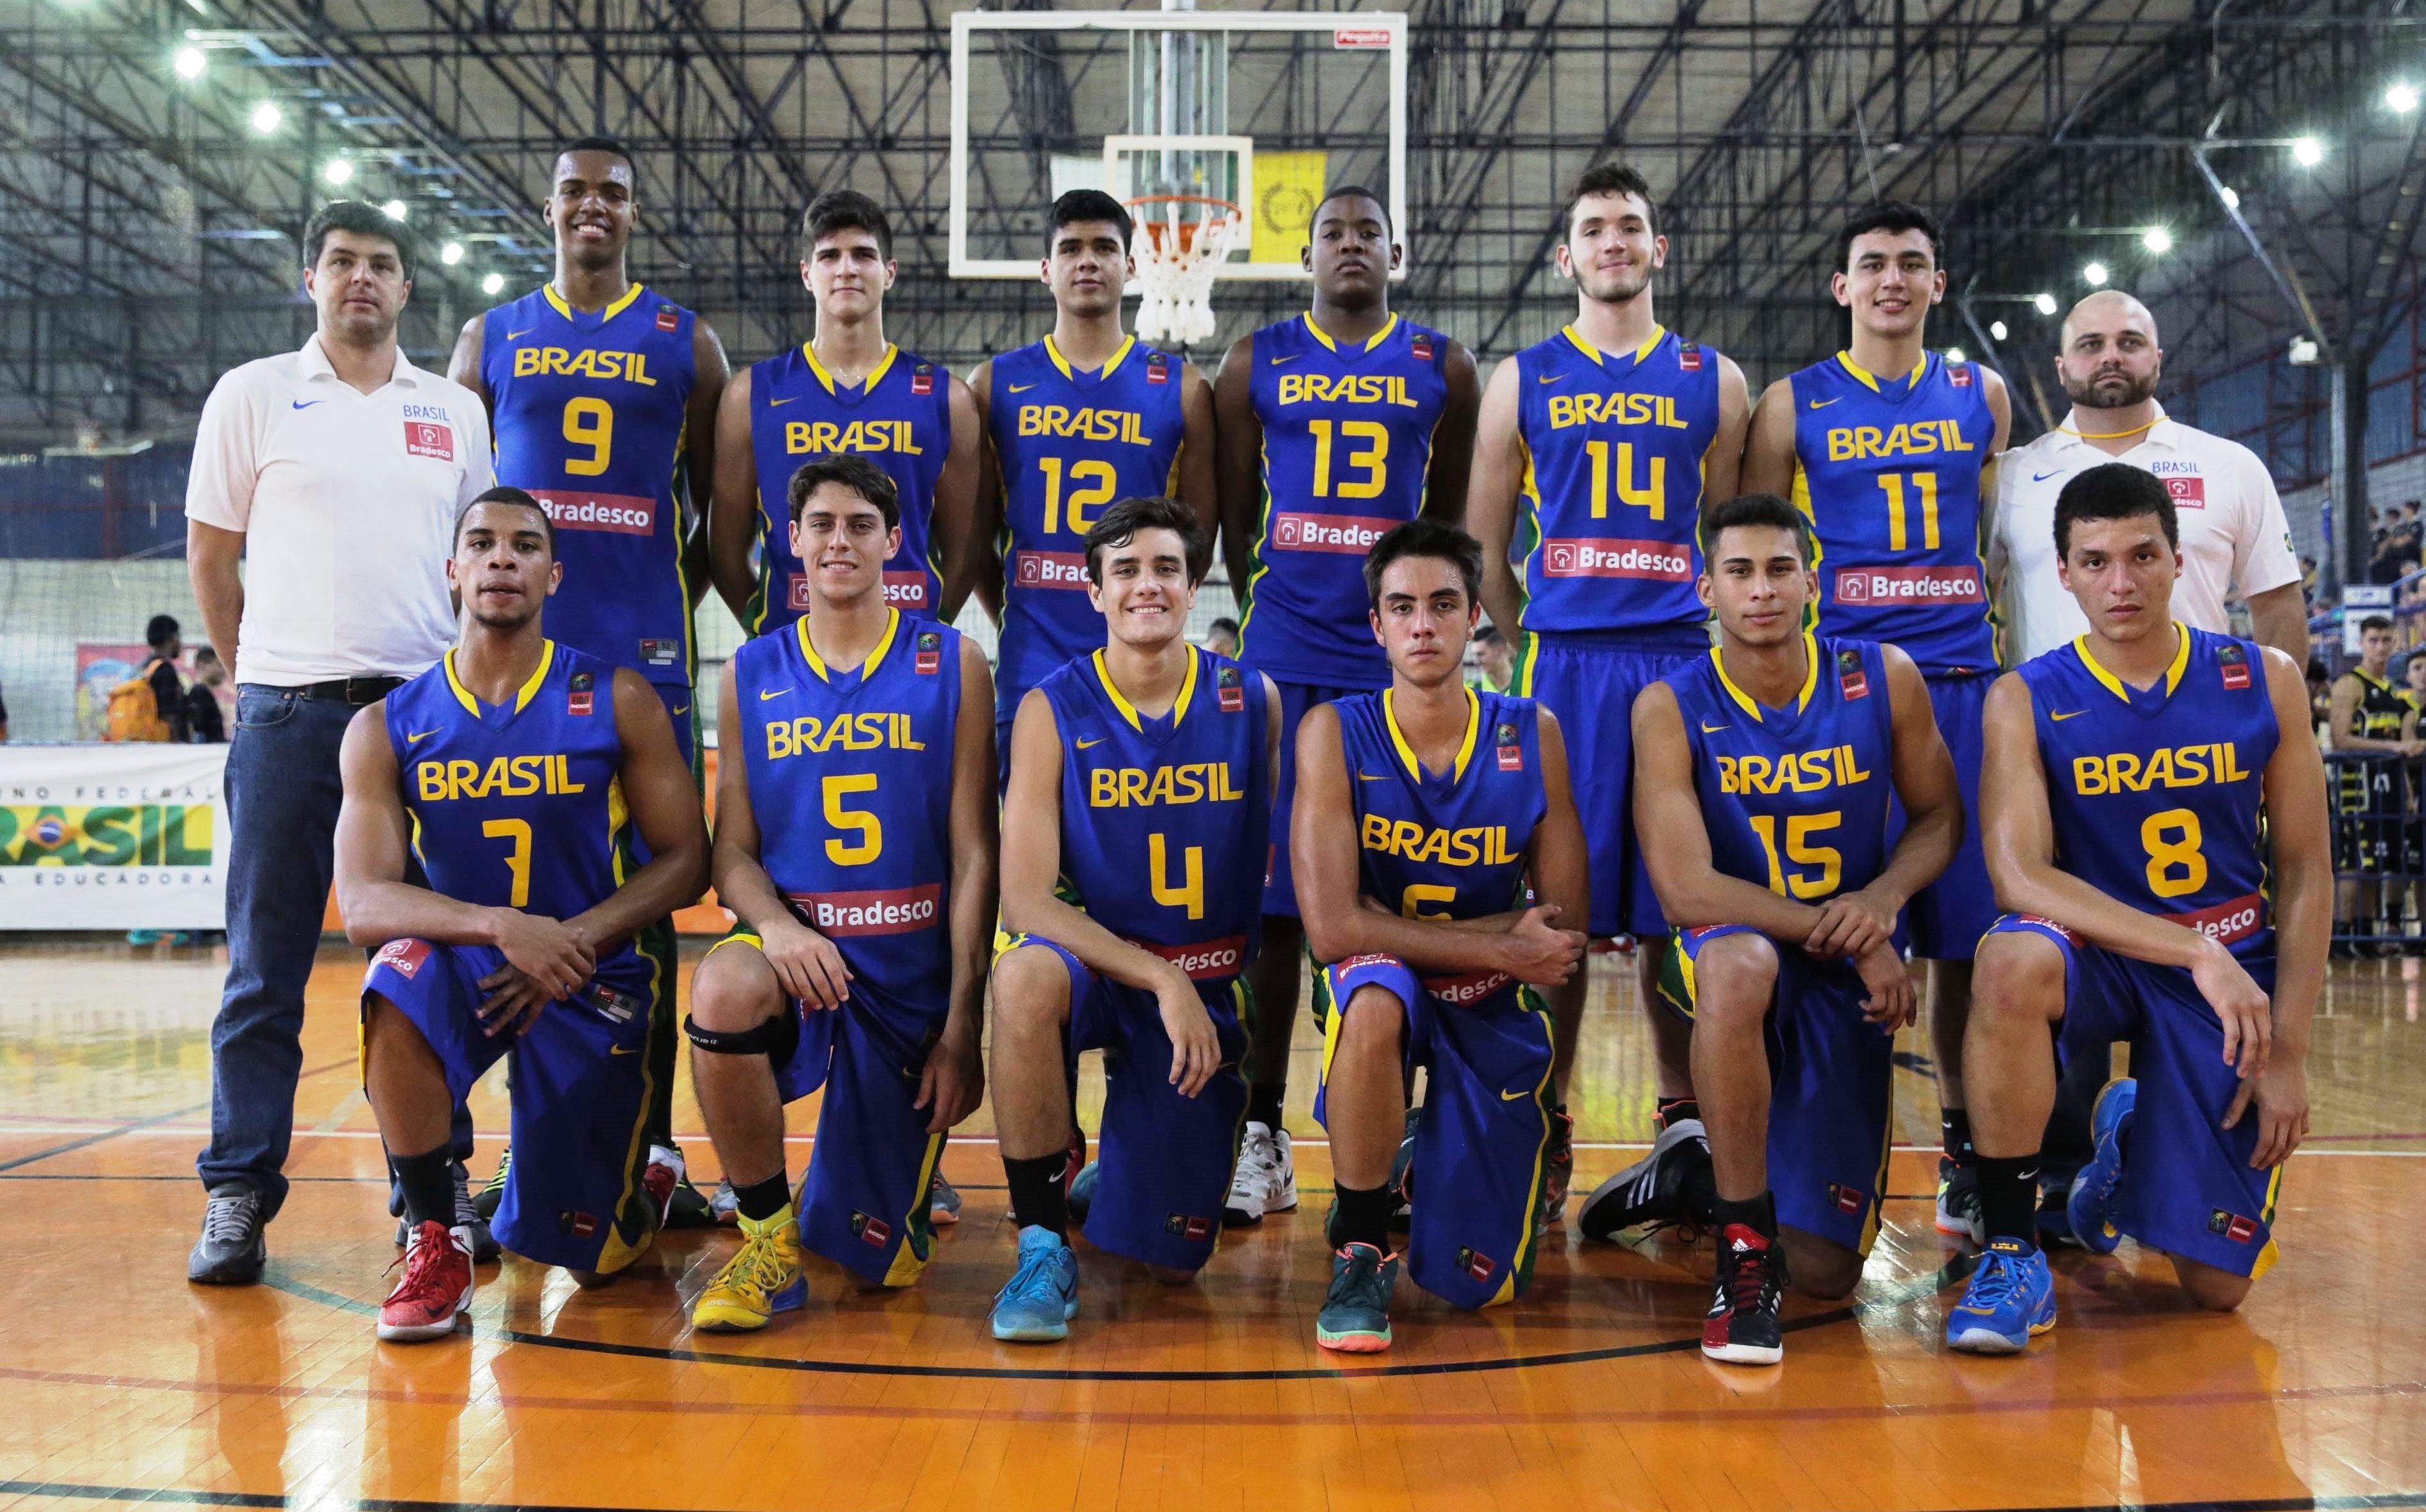 Após primeira experiência na LDB, Seleção Sub-17 agora se prepara para o Campeonato Sul-Americano da categoria (João Neto/LNB)